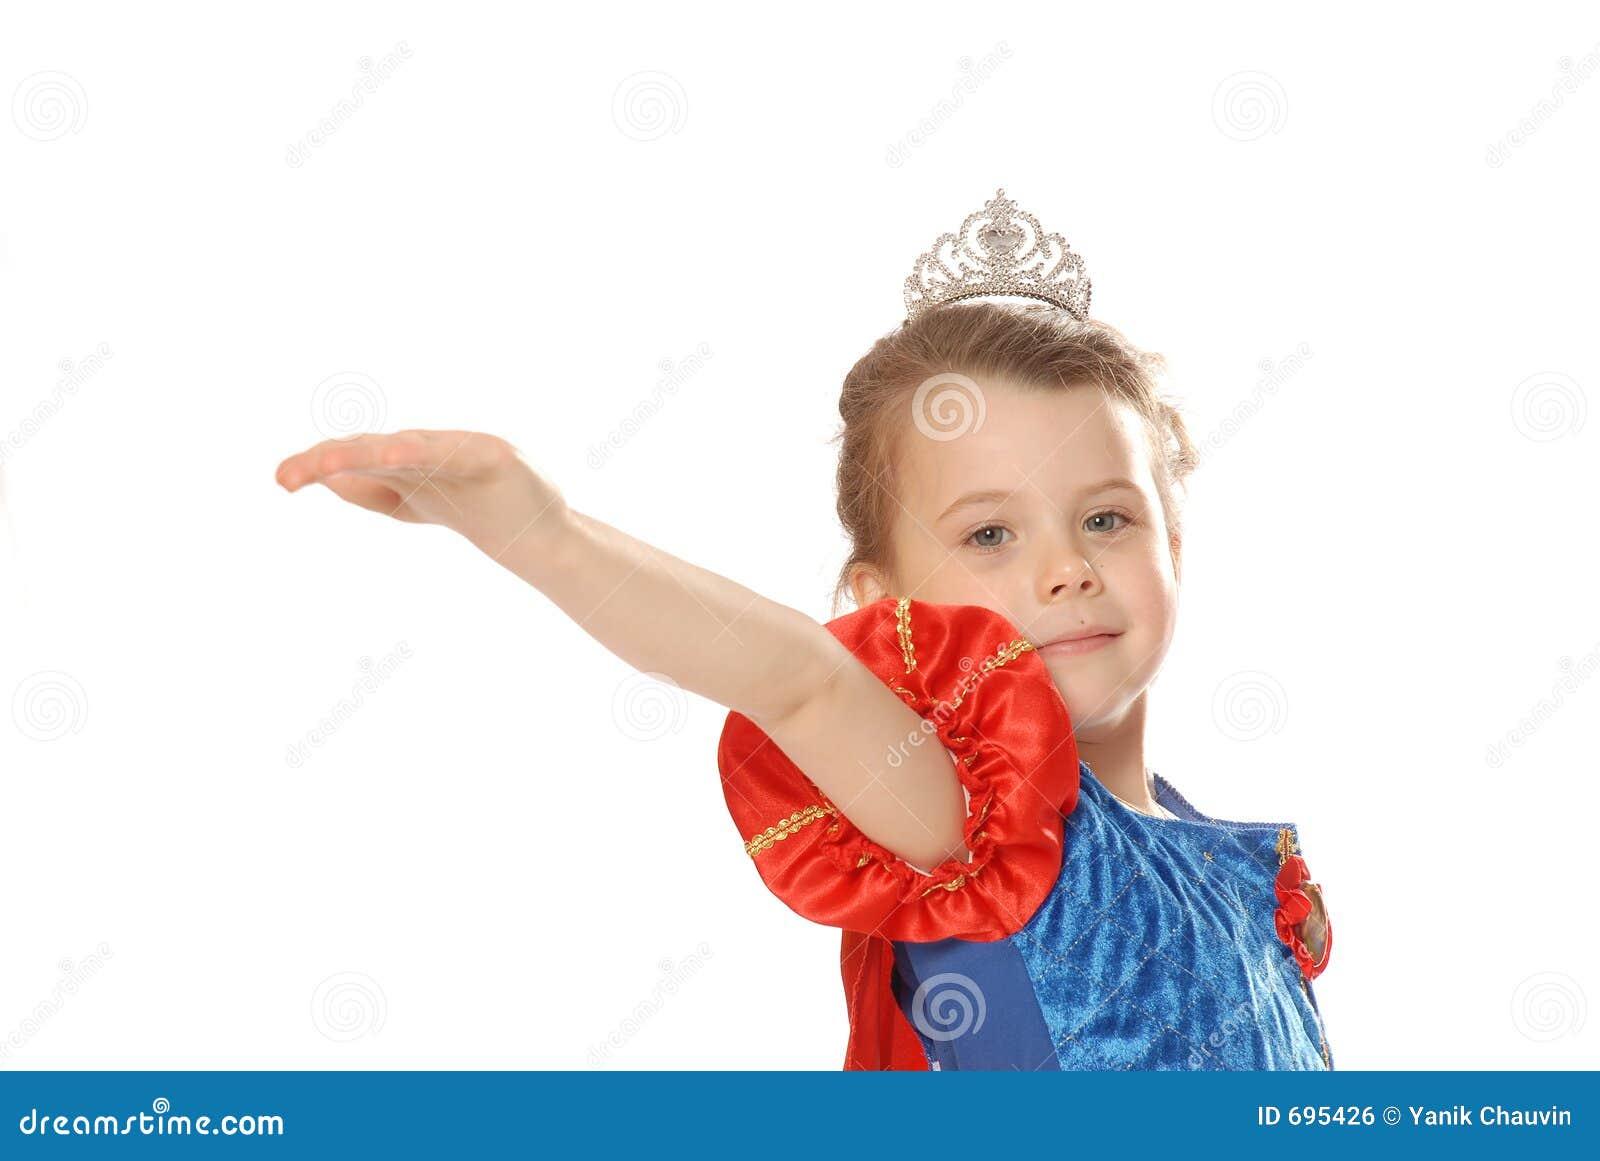 Donner de princesse